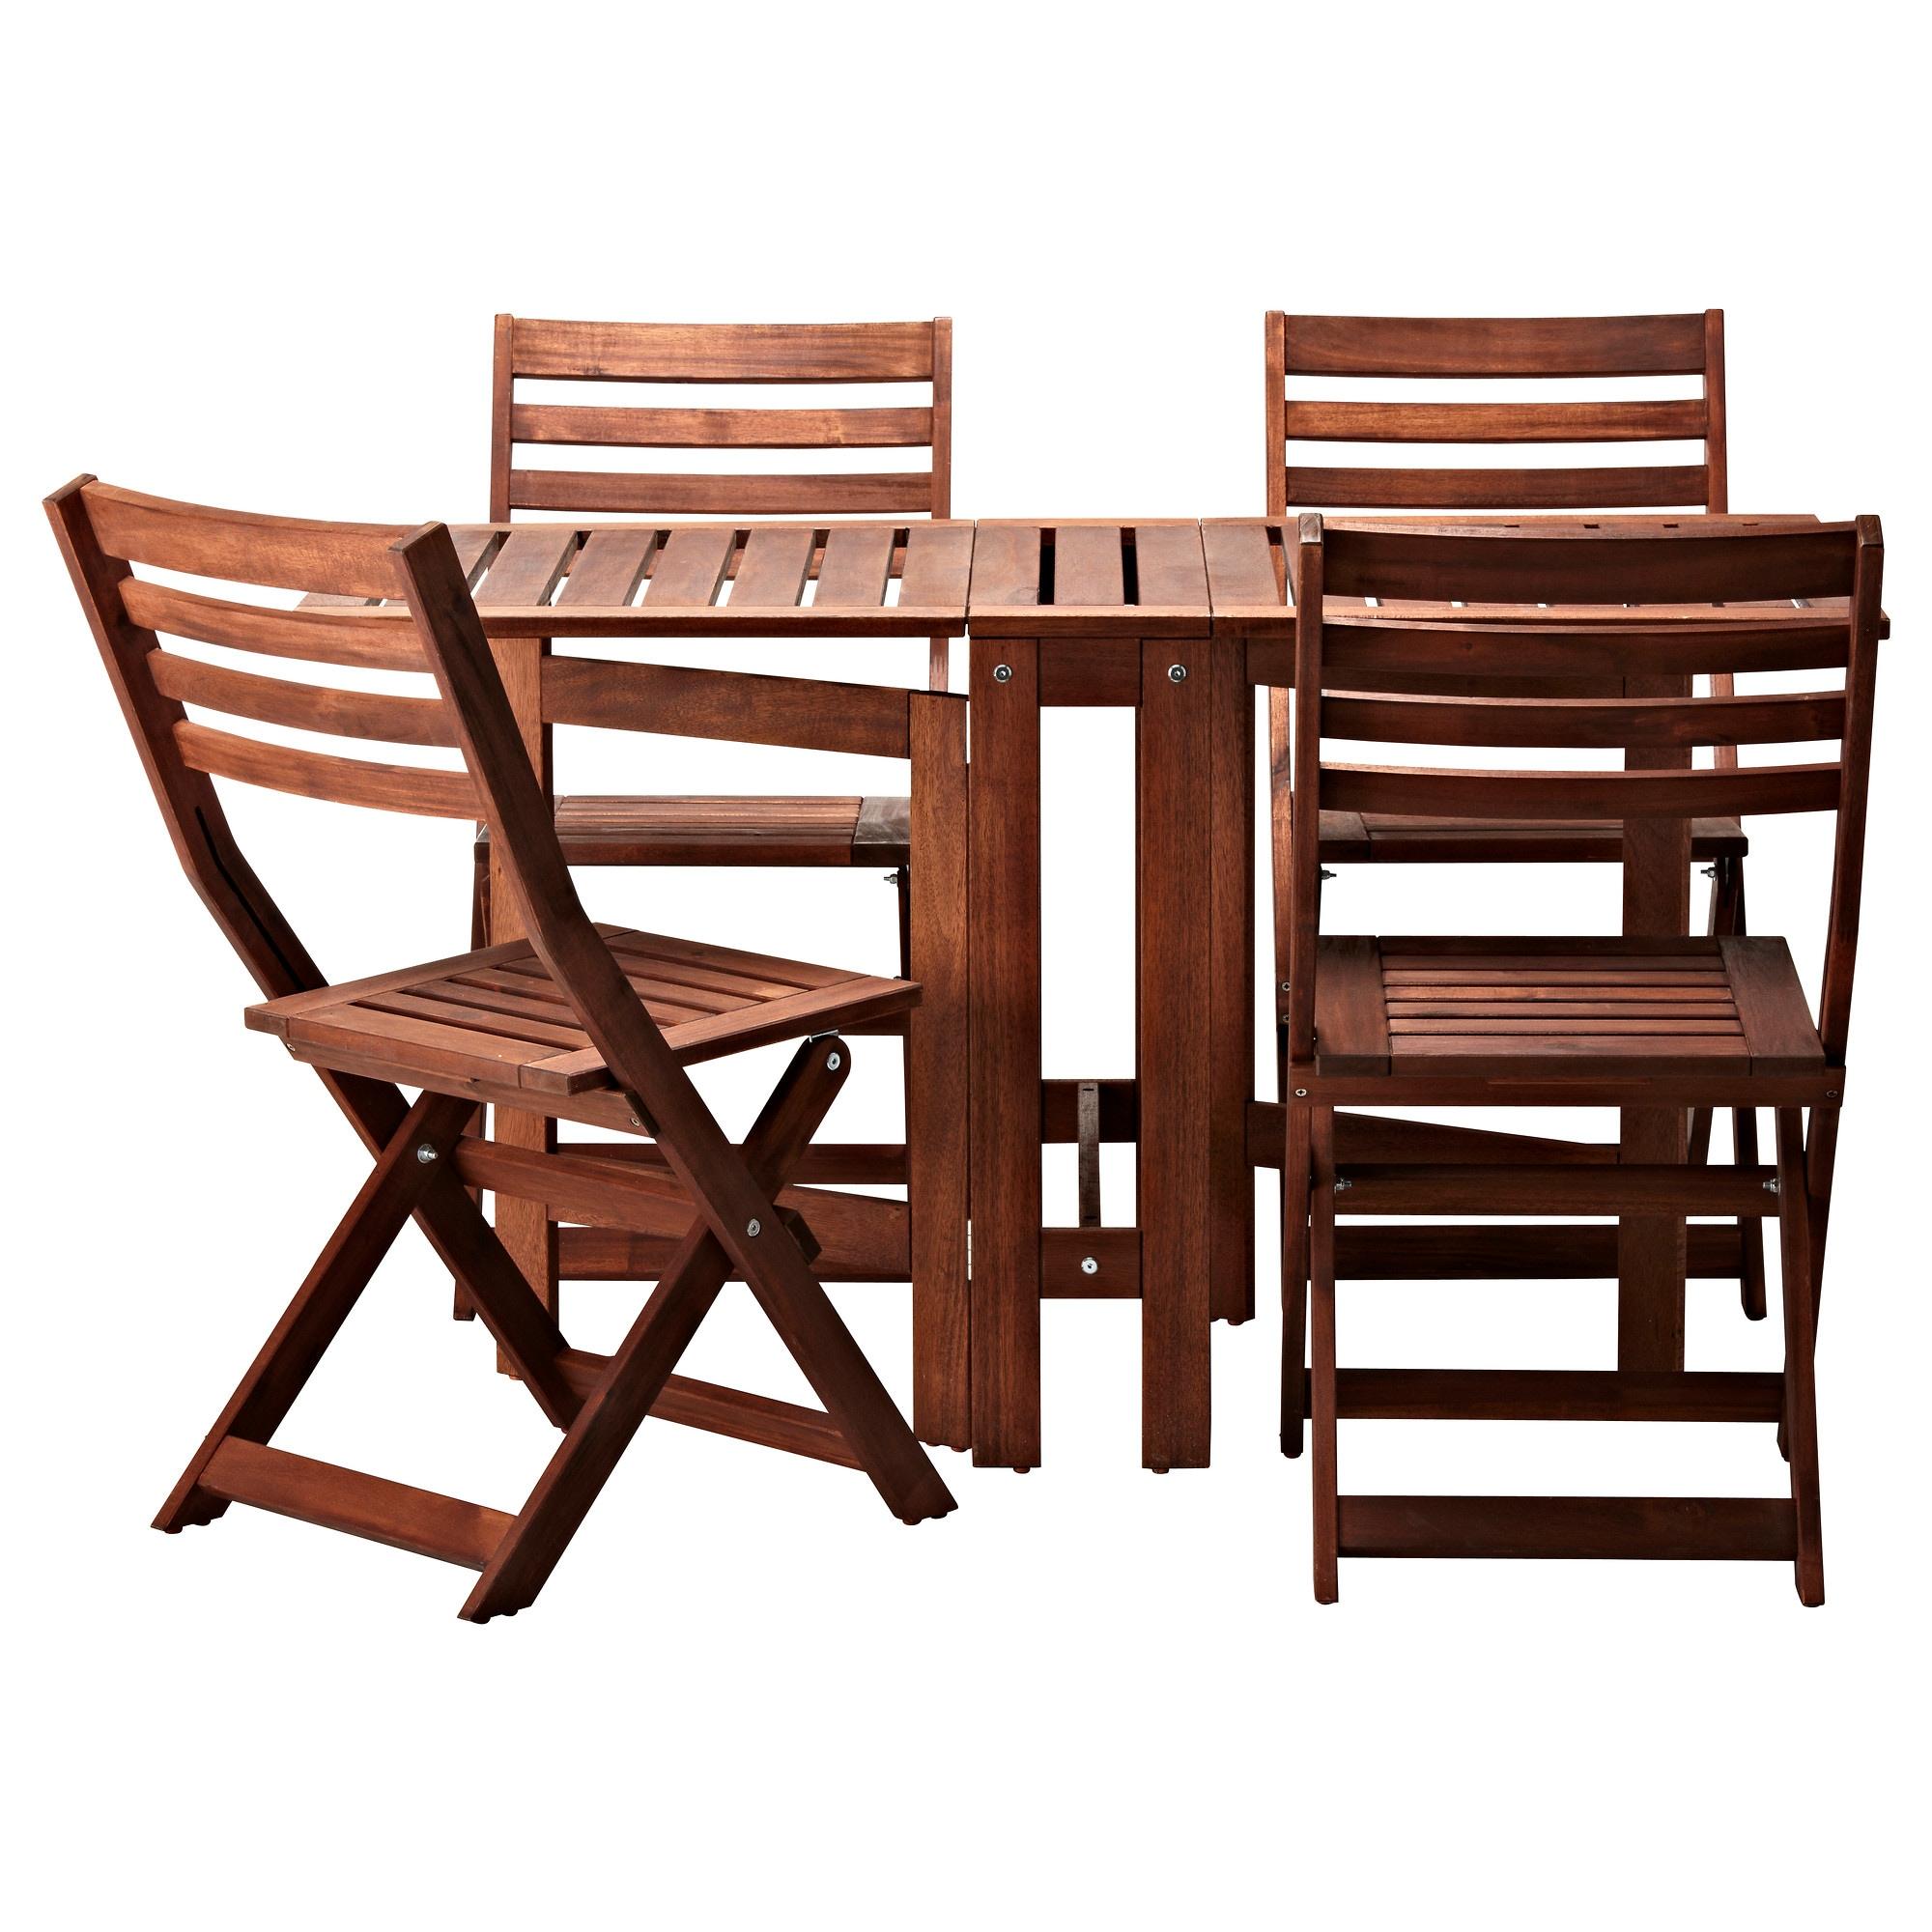 Full Size of Modulküche Ikea Küche Kosten Kaufen Betten 160x200 Bei Sofa Mit Schlaffunktion Miniküche Wohnzimmer Gartentisch Ikea